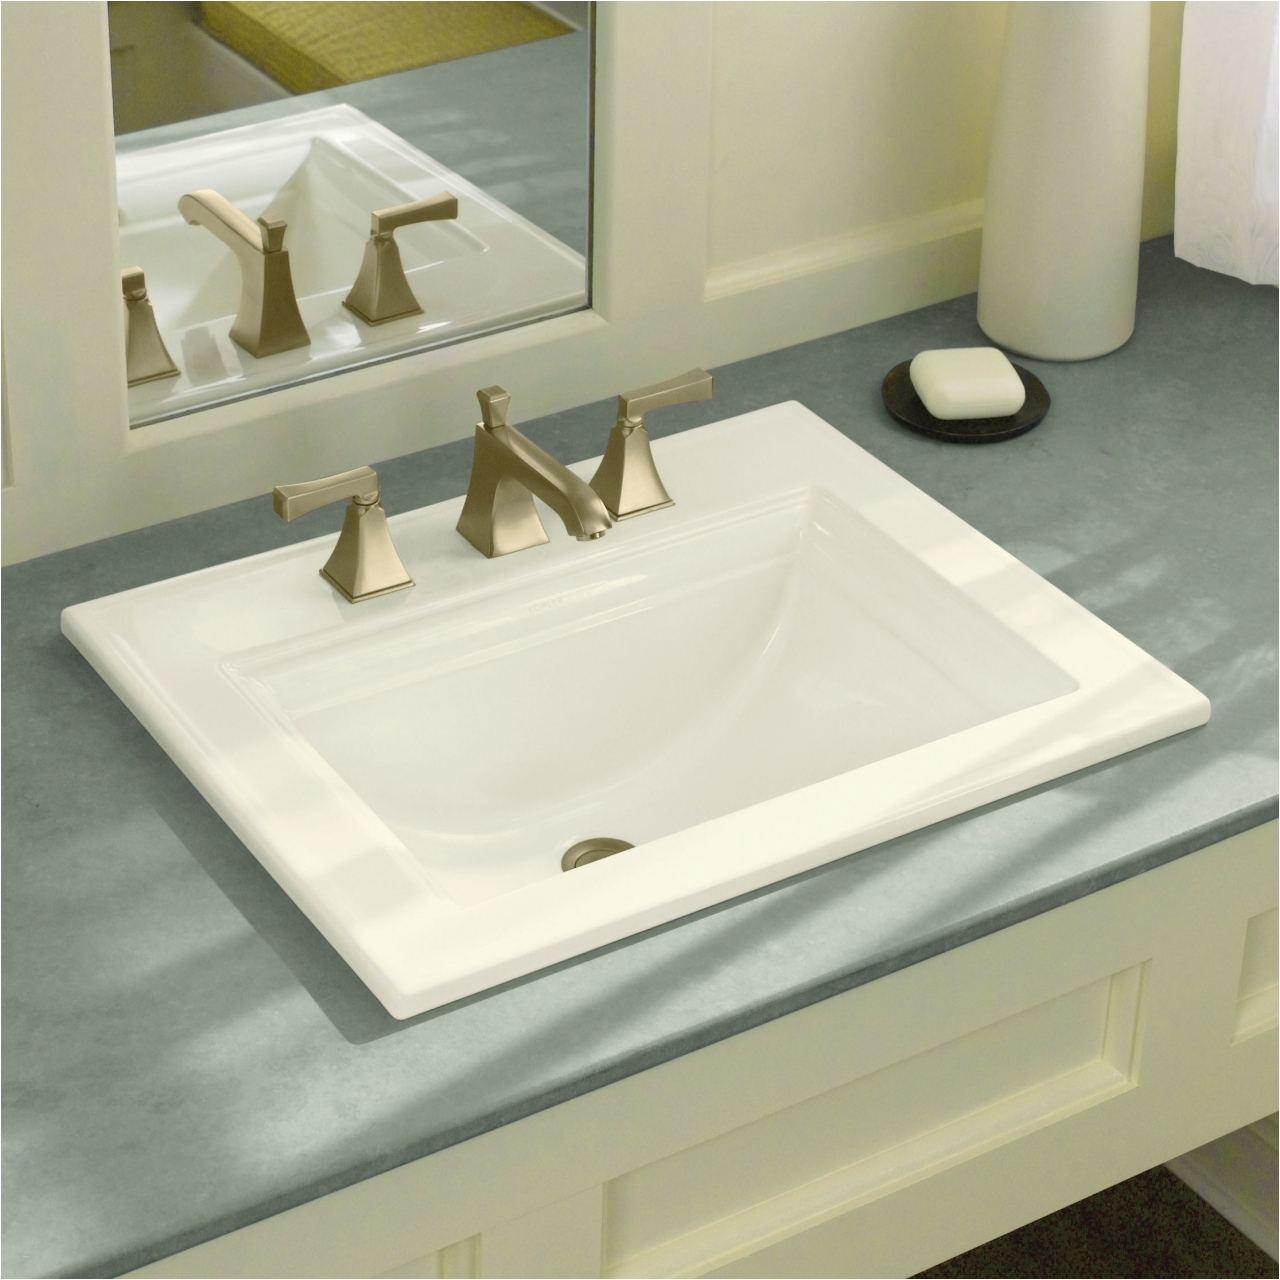 Bathroom Fixtures Kohler Elegant Aaa 1800x800h Sink Kohler Bathroom Sinks Buying Guidei 0d